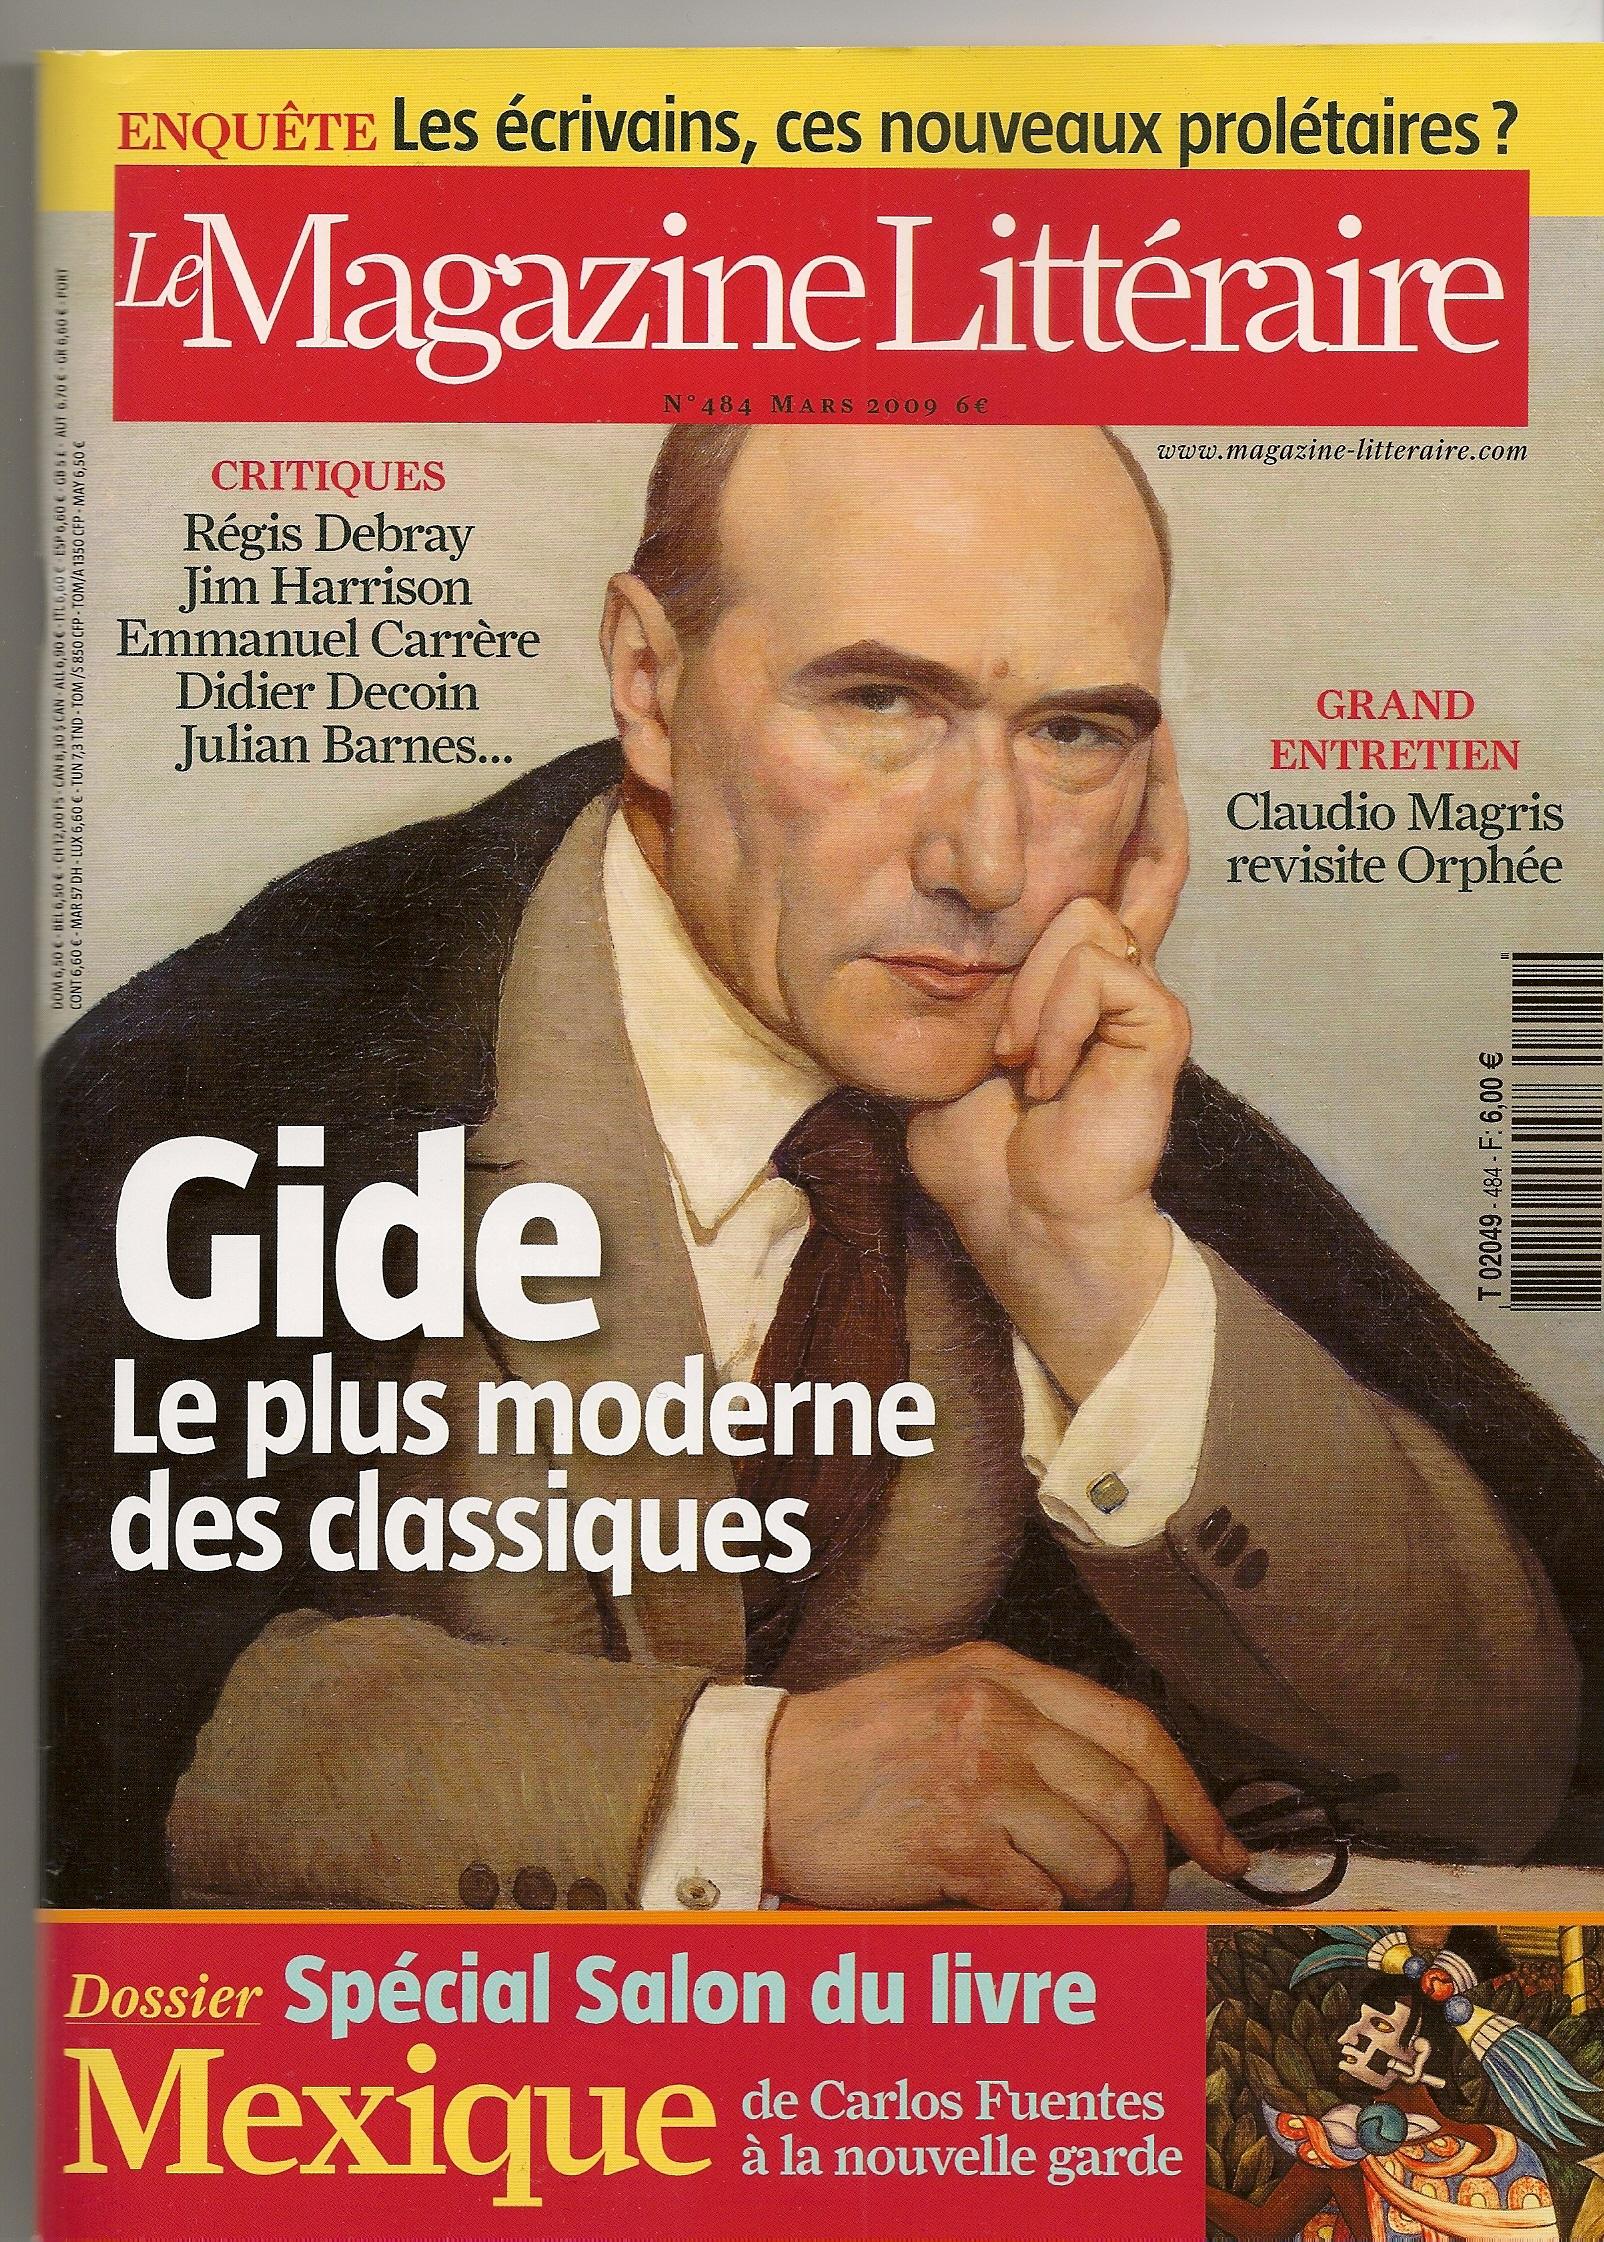 http://andrebourgeois.fr/ImageGideMagLitt.jpg